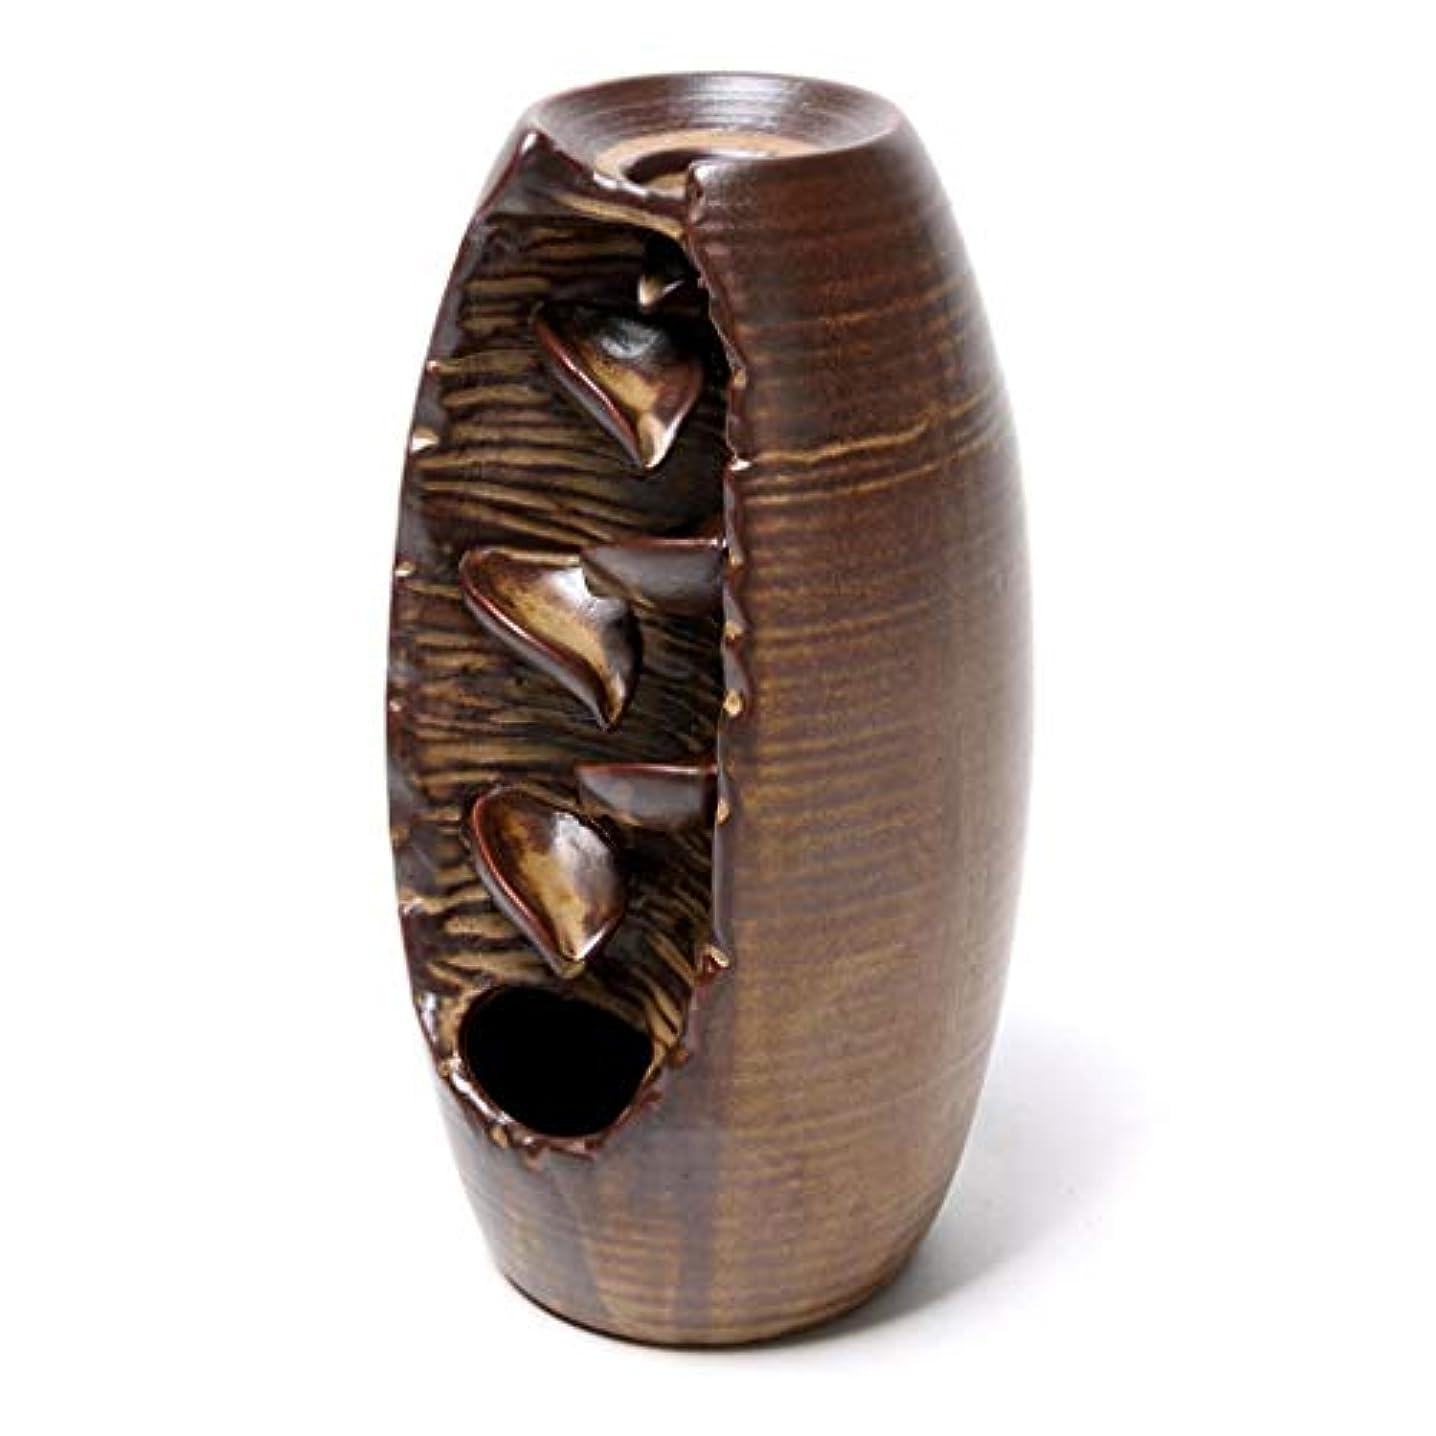 感情の反逆株式会社セラミック逆流香炉逆流香ホルダーホームセラミックオフィス香コーンホルダーバーナーアロマセラピー炉 (Color : Brown, サイズ : 3.54*8.07 inches)